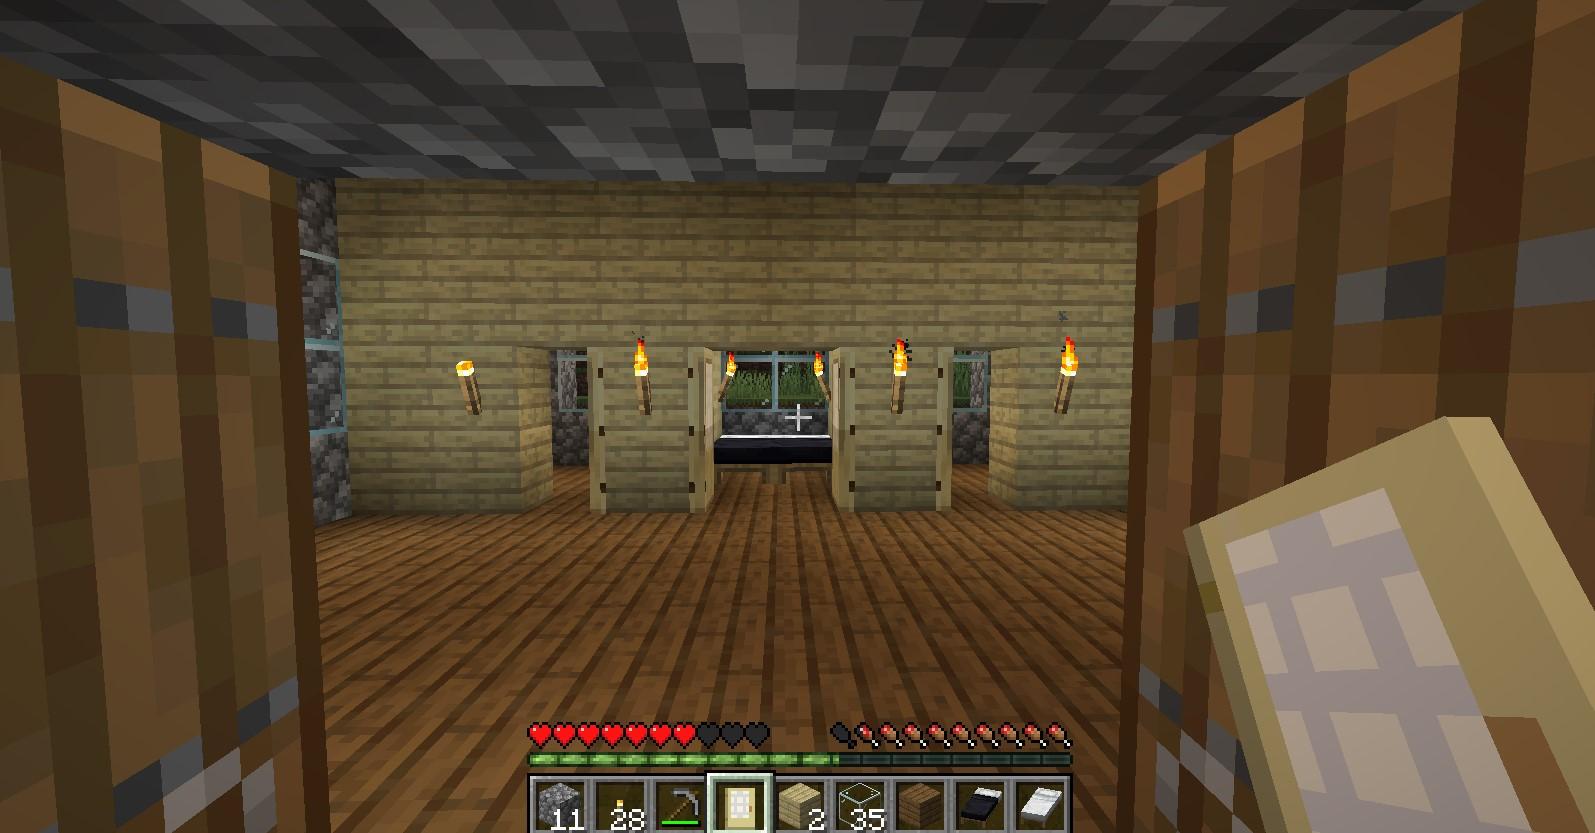 C:\Users\Vitamin\Desktop\Майнкрафт\Этапы строительства\Дом с комнатами и кроватью.jpg